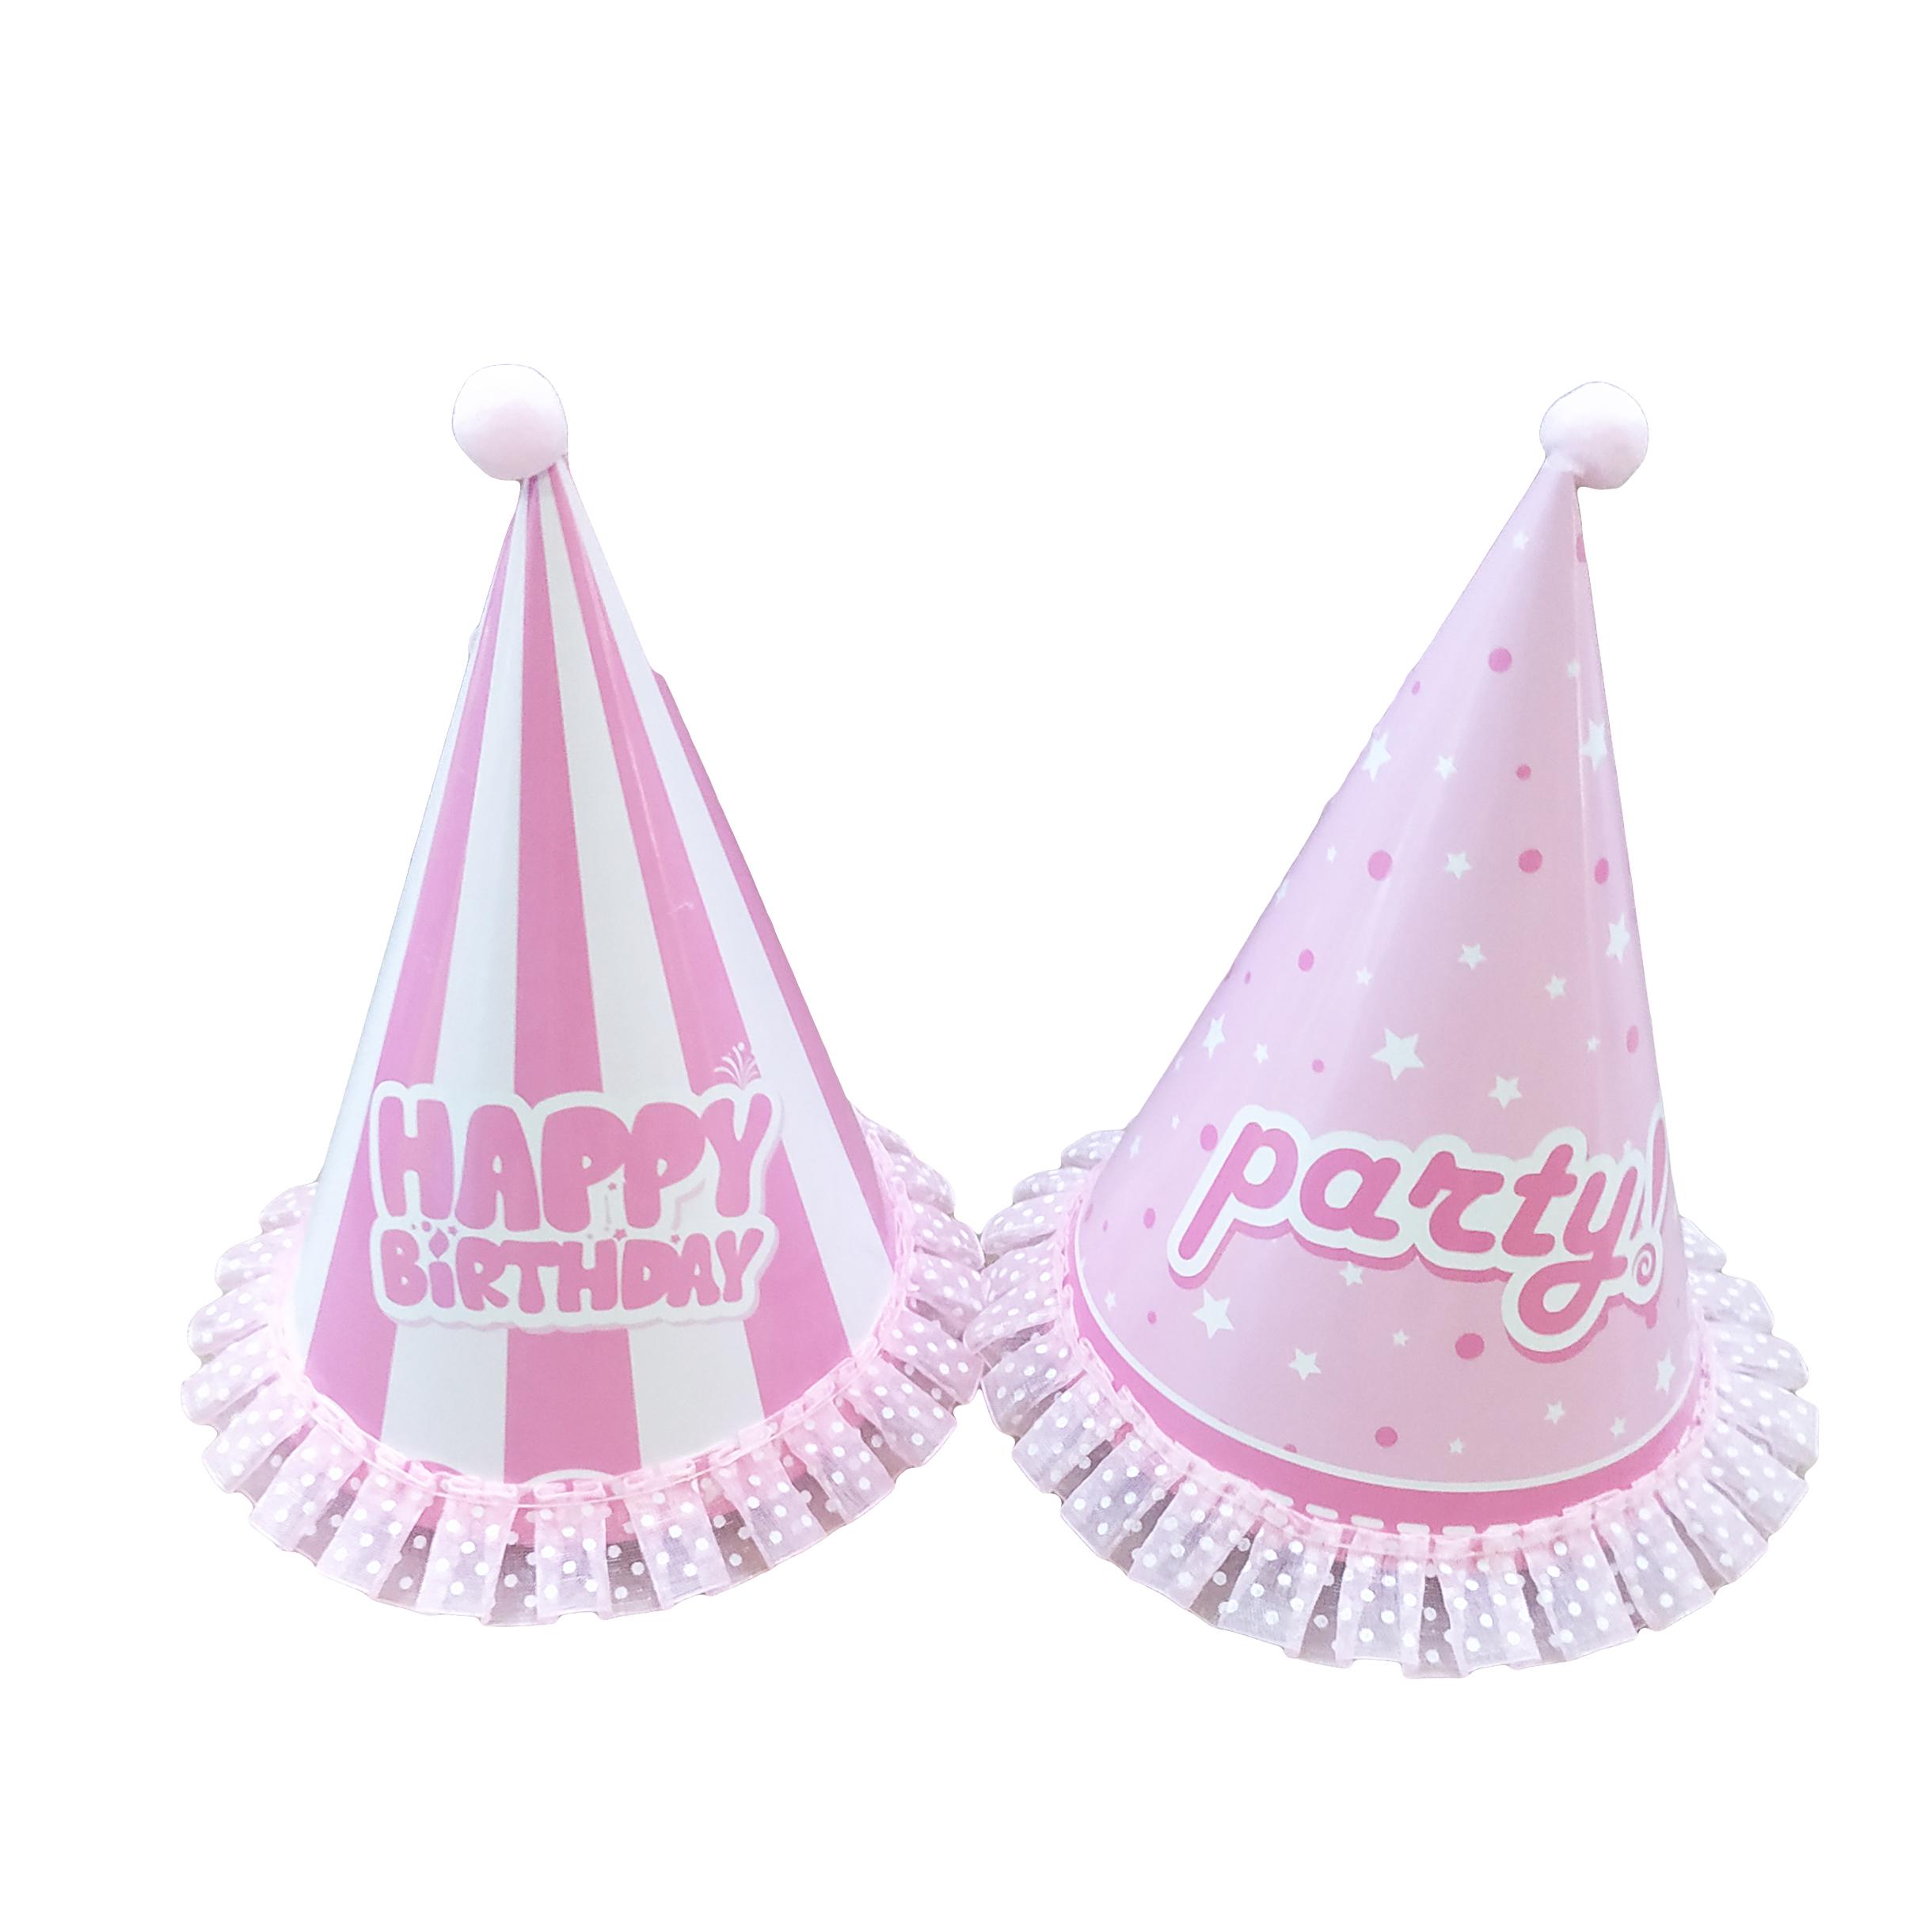 Mũ nón sinh nhật tiệc liên hoan trang trí ren hồng nhạt